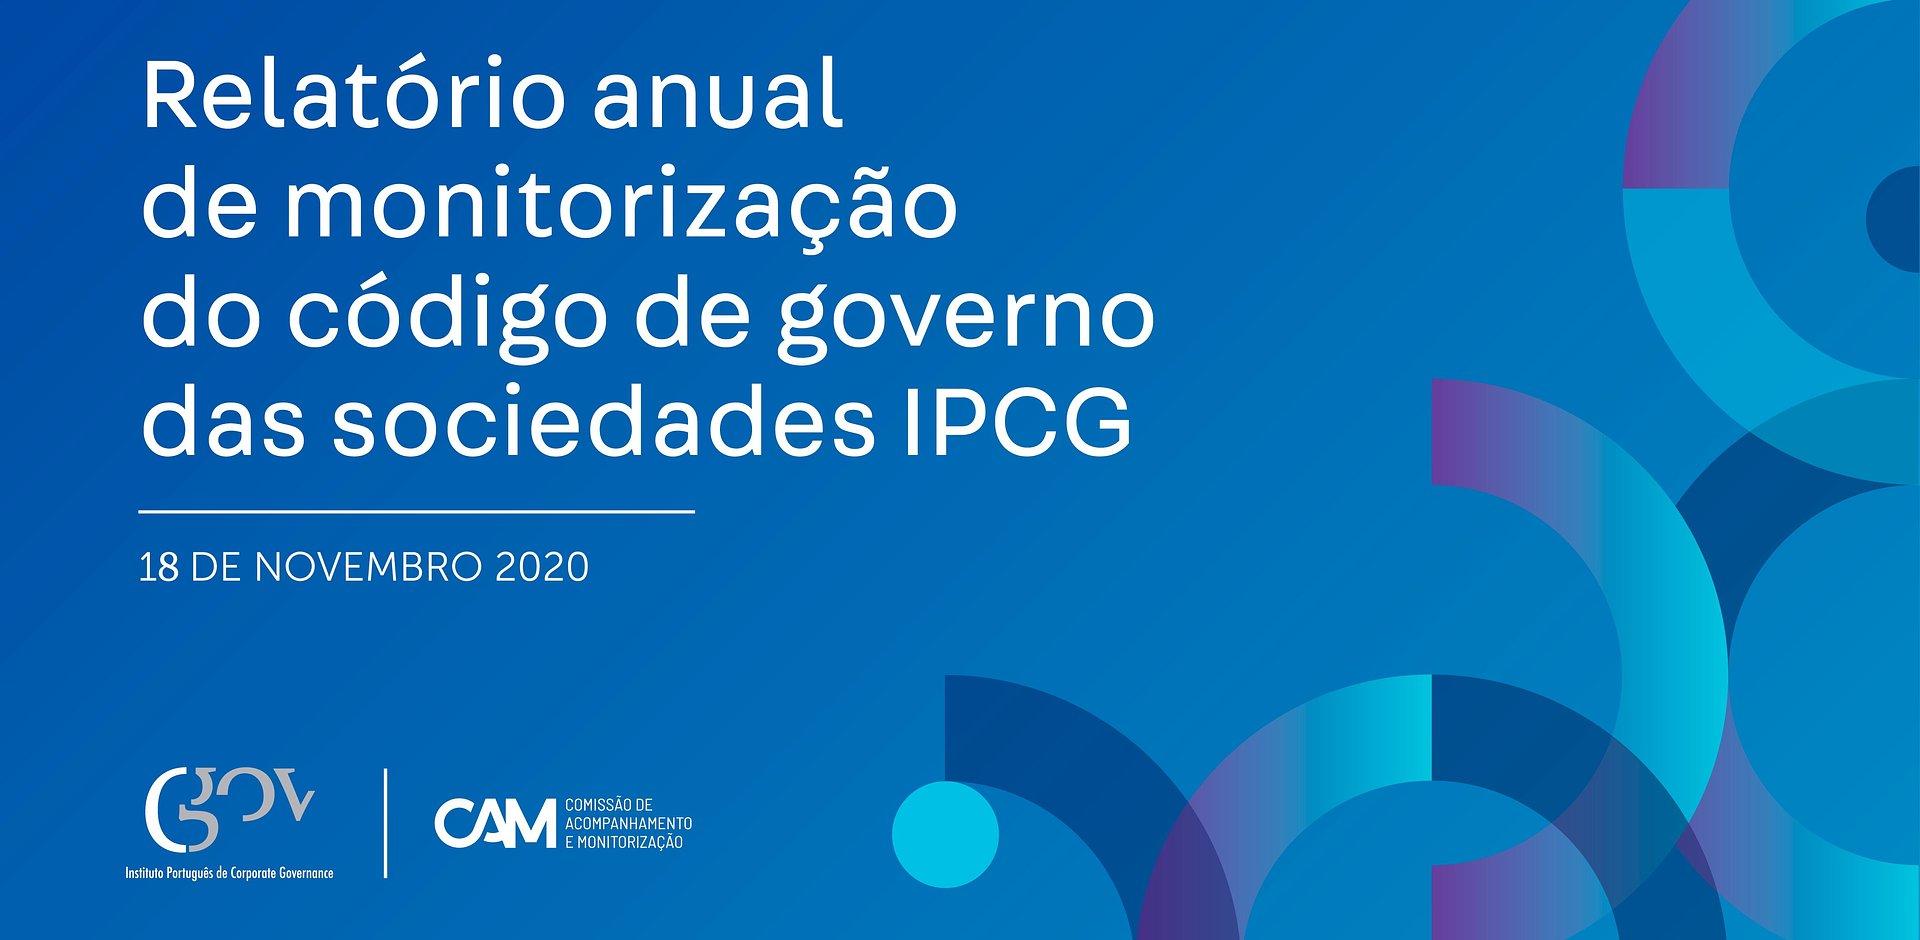 Maioria das cotadas portuguesas cumpre generalidade do Código de Governo das Sociedades